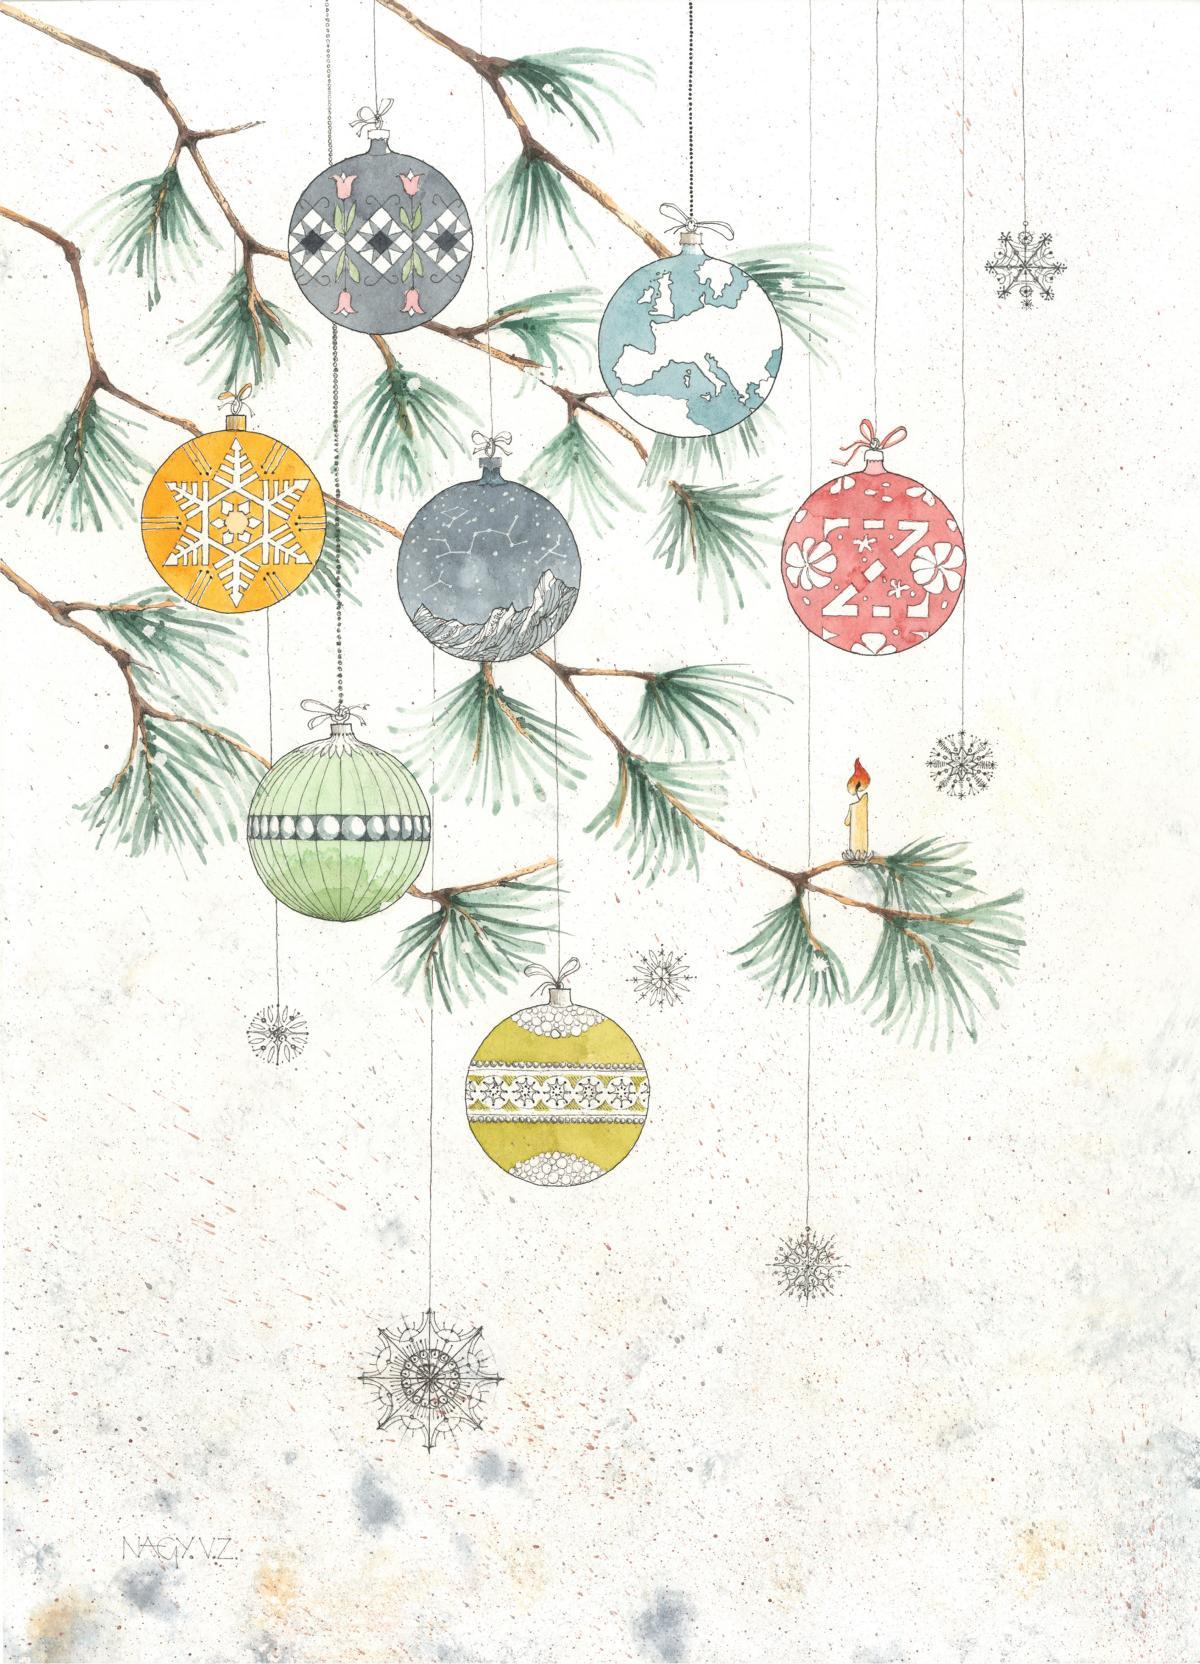 Weihnachten (Zoltan Nagy)